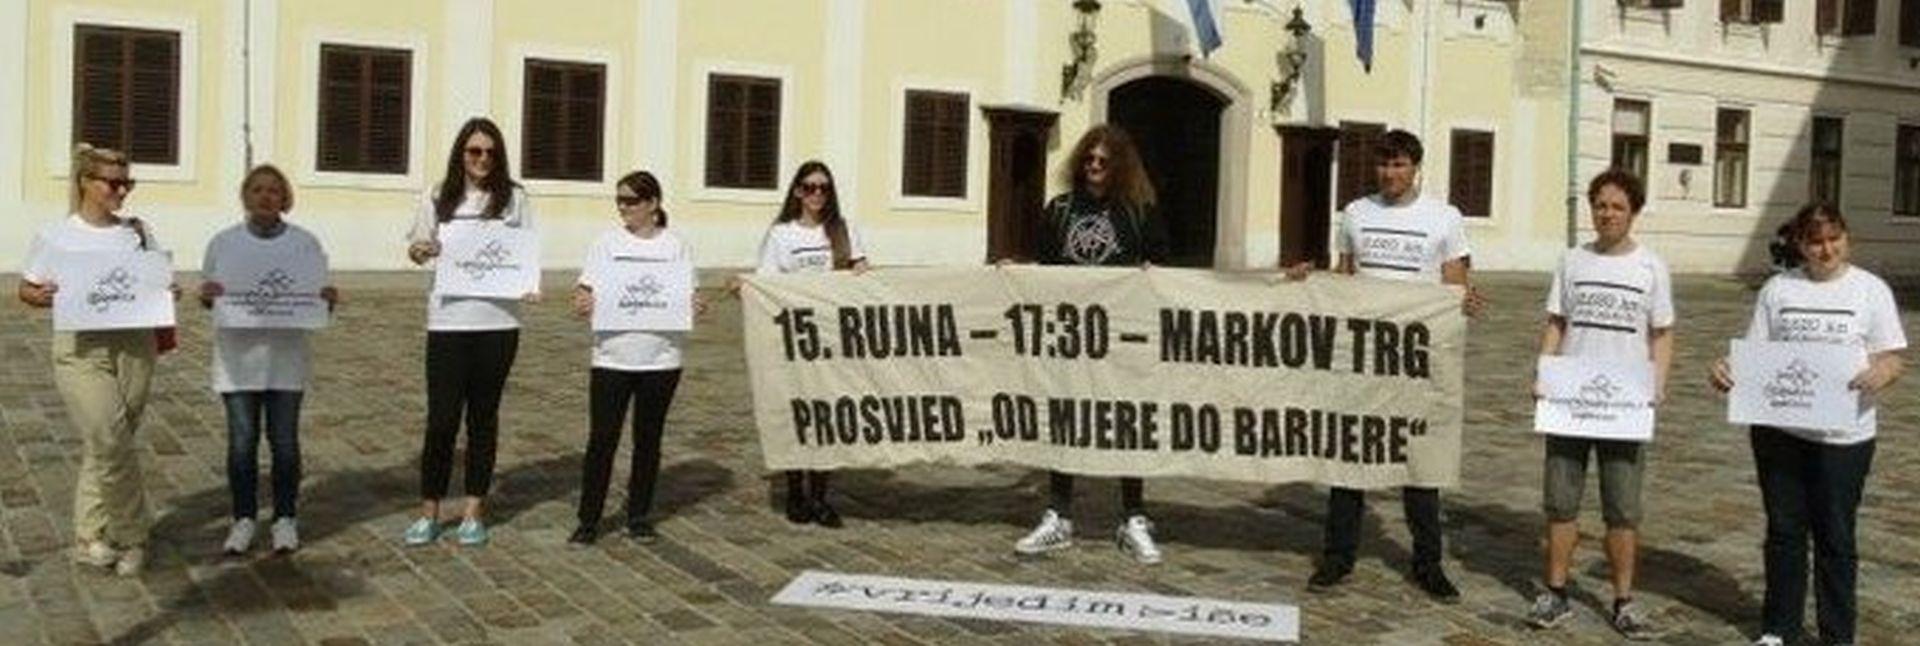 MARKOV TRG Prosvjed za vraćanje dostojanstva i perspektive mladima